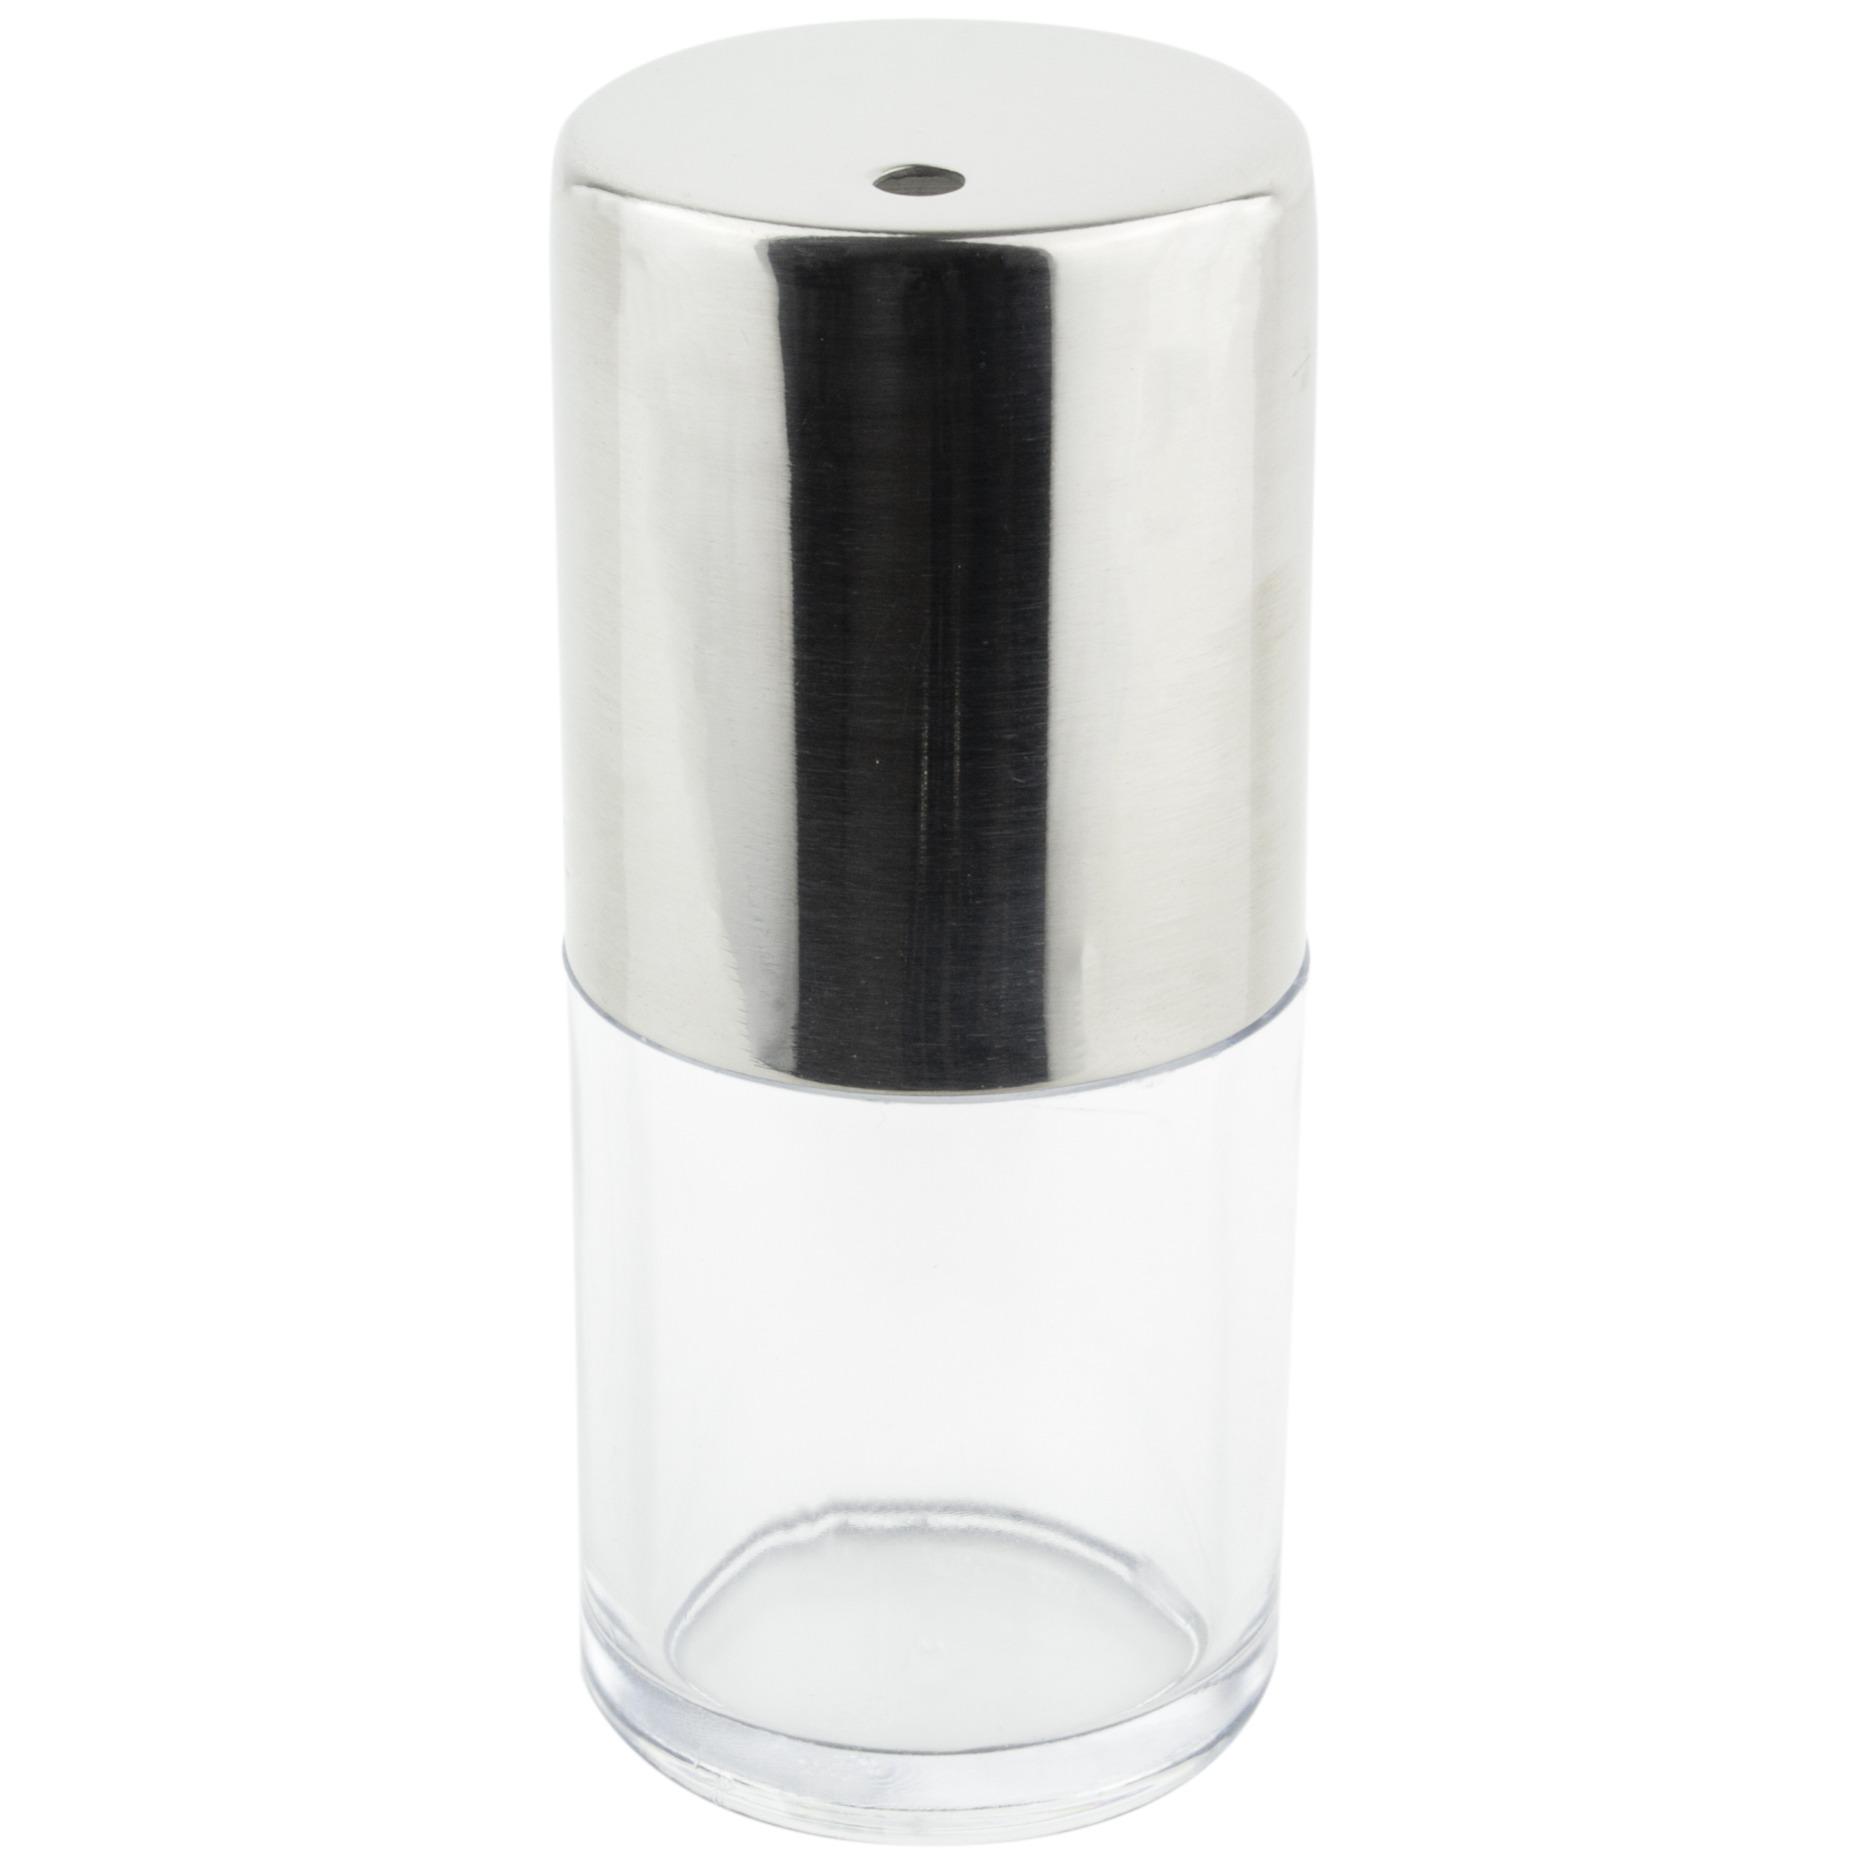 Paliteiro vidroinox 1578100 - BRINOX